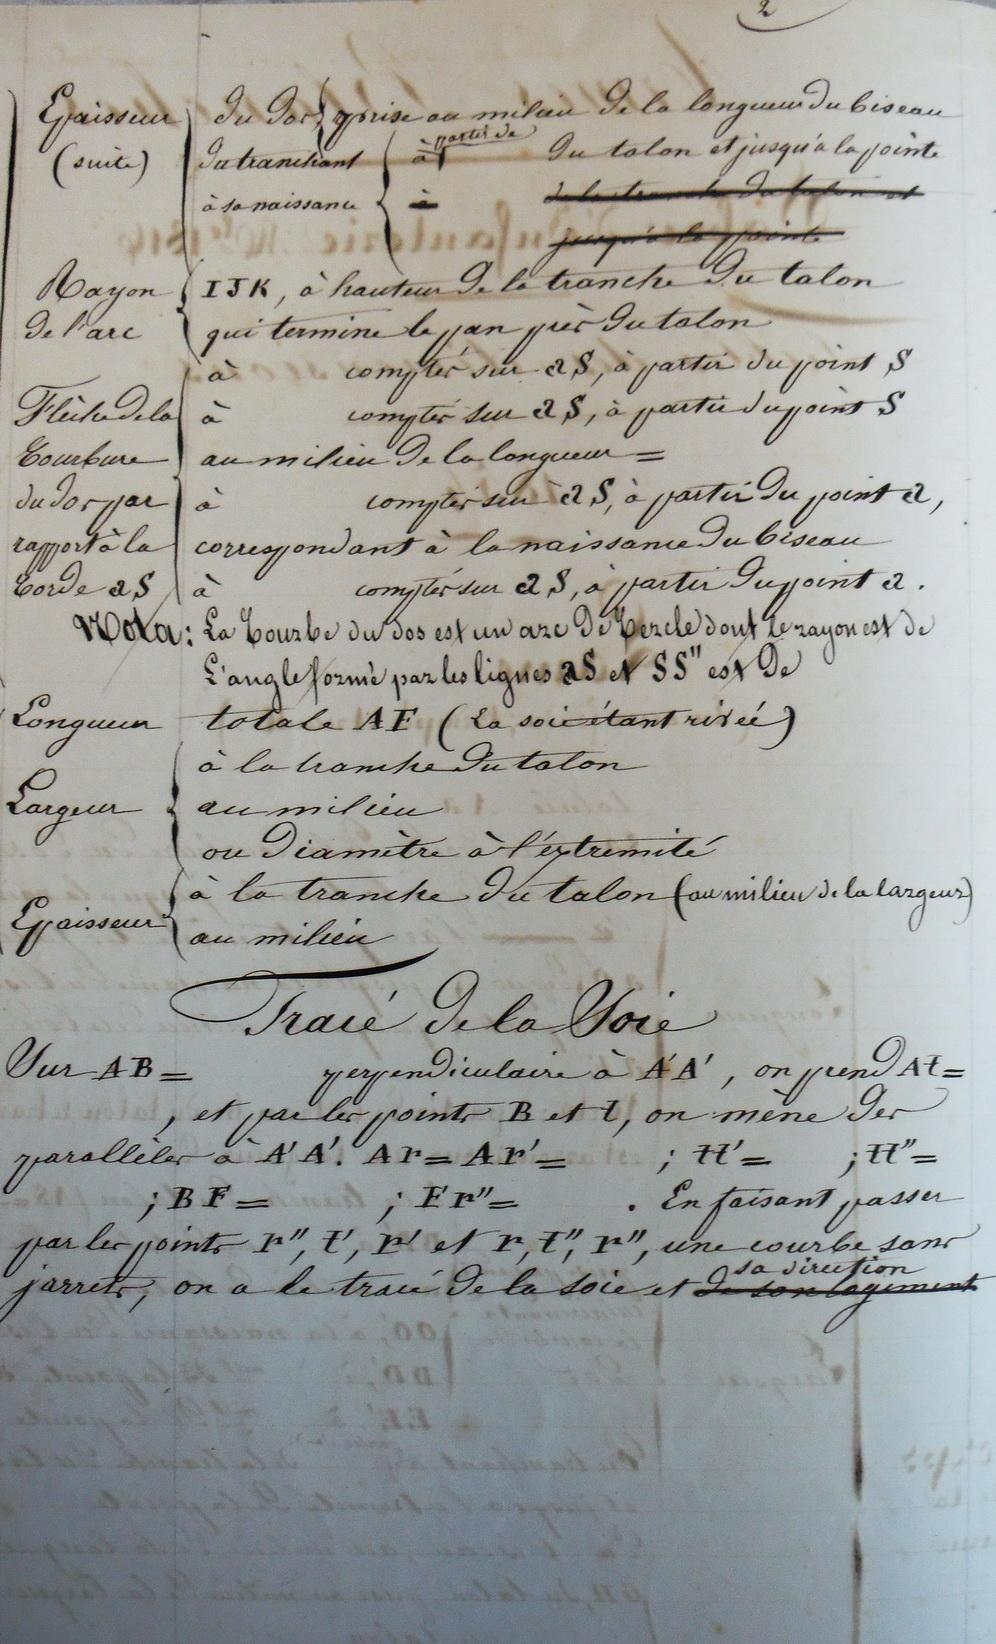 Les sabres briquets 2nde partie : de l'an IX à 1854 - Page 2 Imgp2810